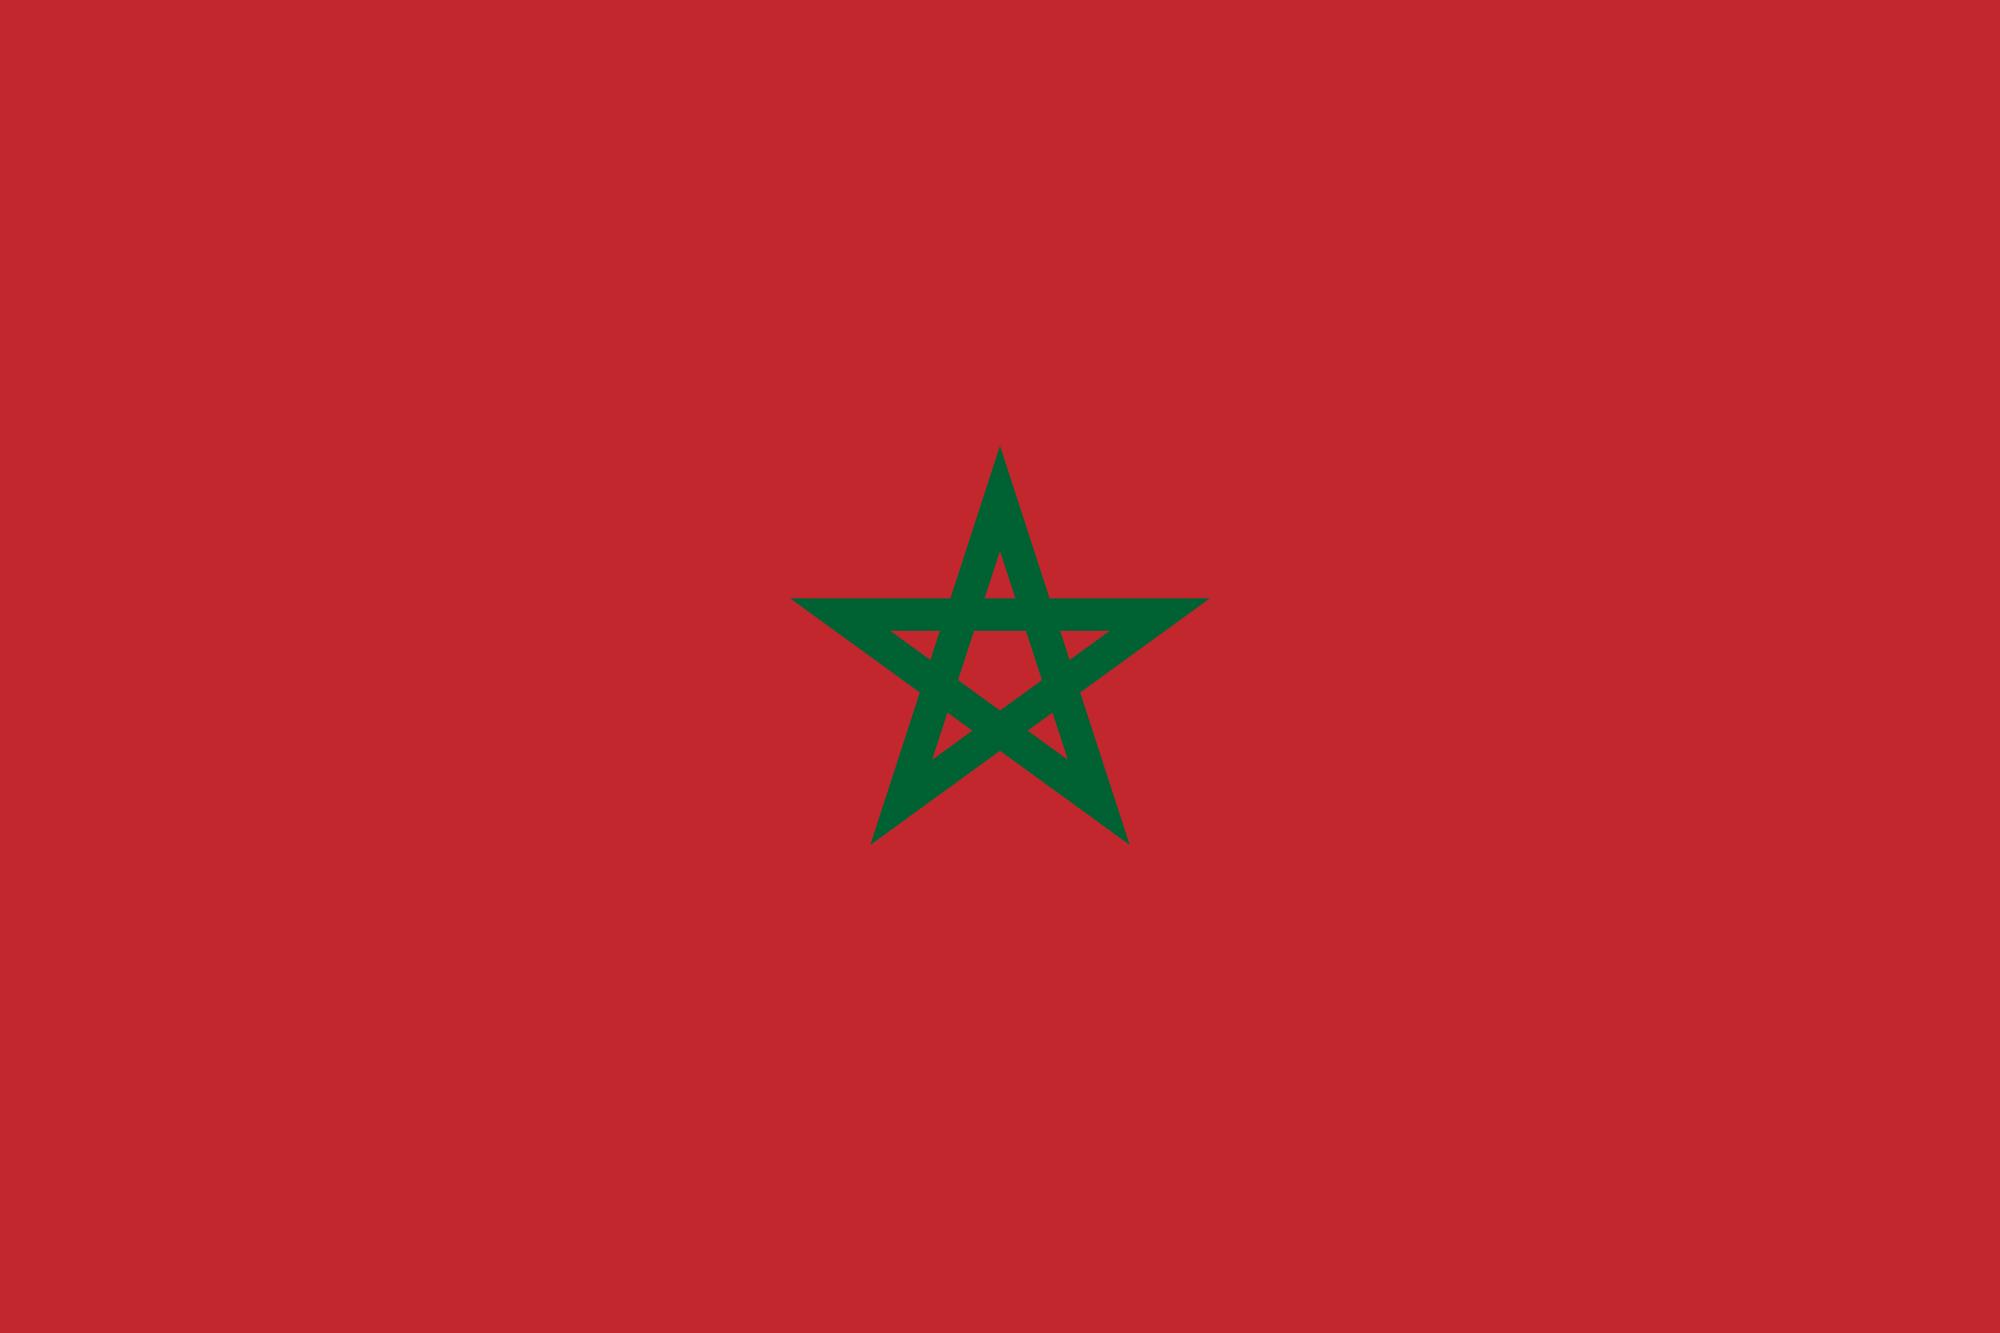 بالصور علم المغرب , الراية الرسمية للمملكة المغربية بالصور 2482